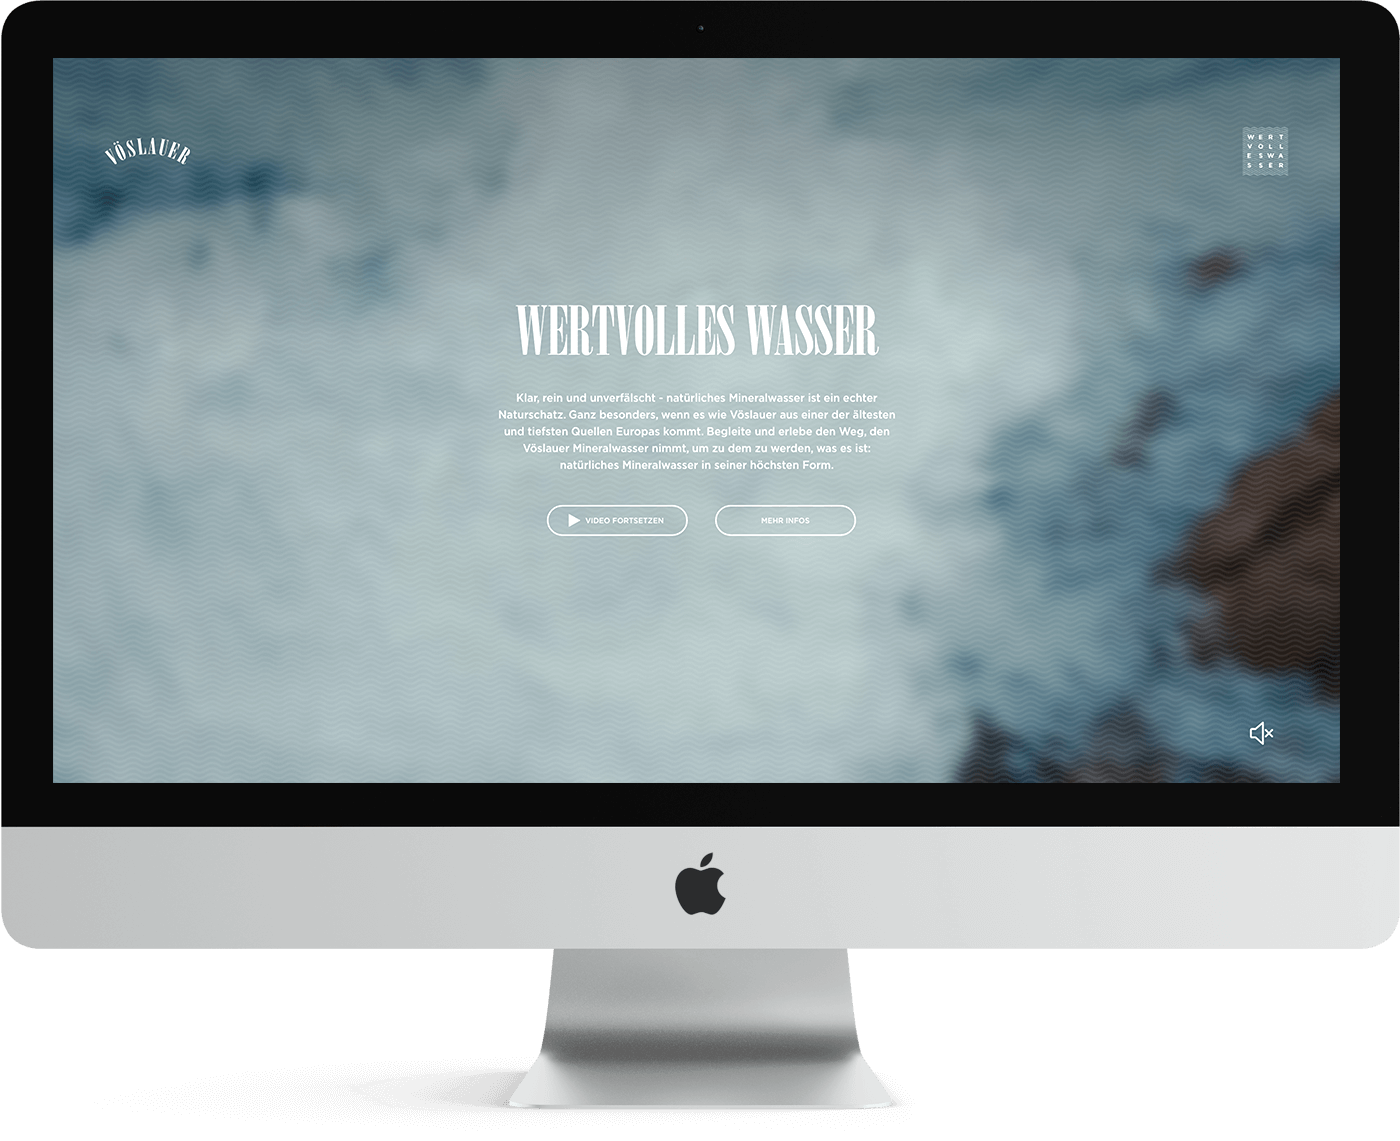 iMac_Wertvolles-wasser-1